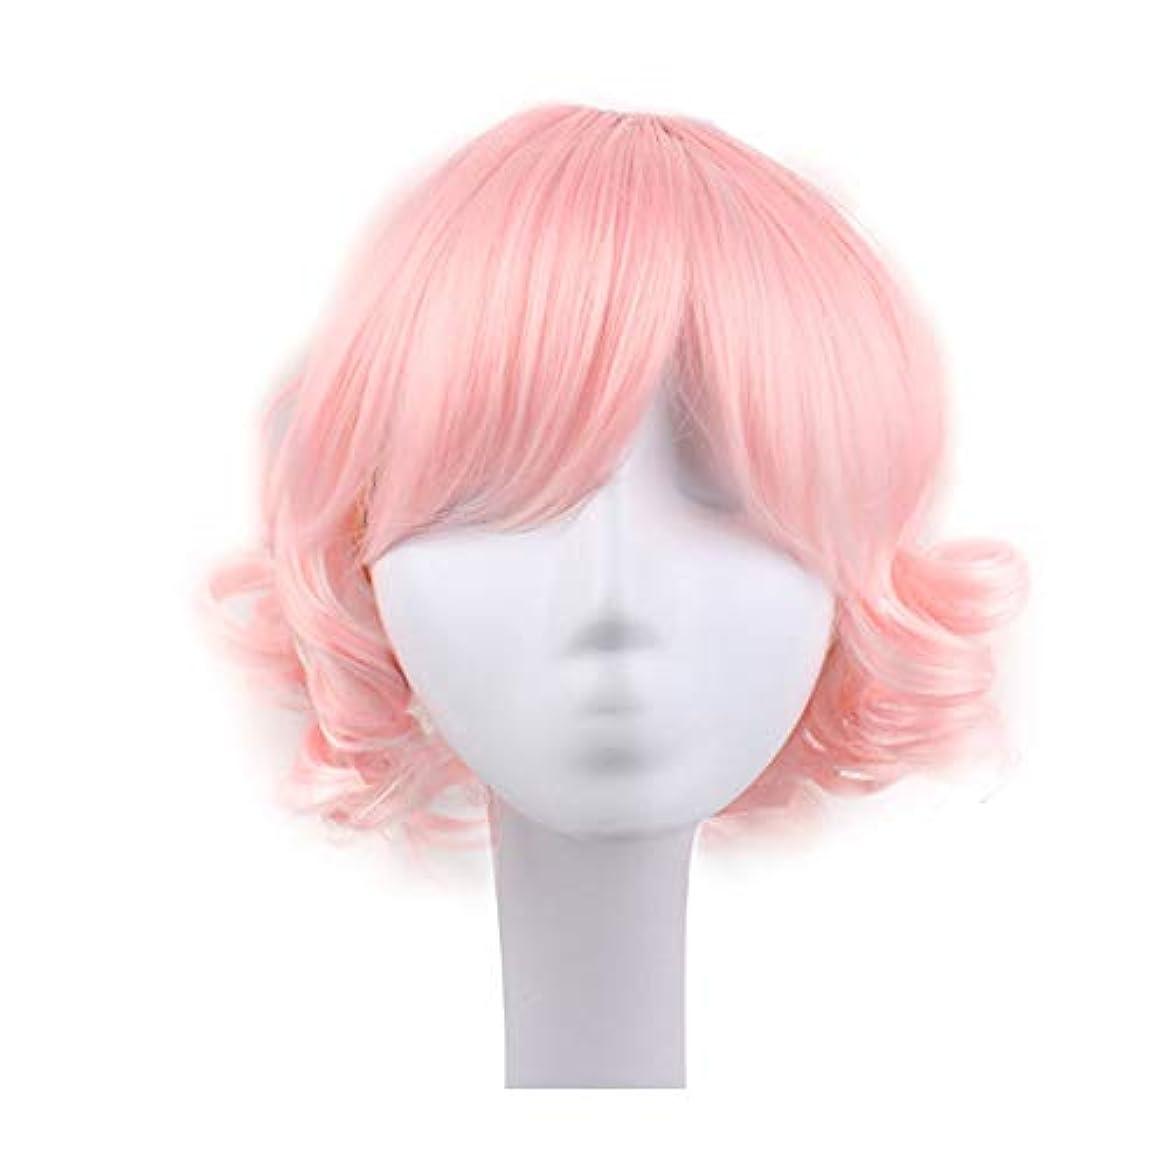 粘液ラウンジまたねブロンドのかつら女性のための短い巻き毛のかつら髪のかつらリアルウィッグとして自然な日々のパーティーコスプレ衣装かつらかつらキャップ付きかつら